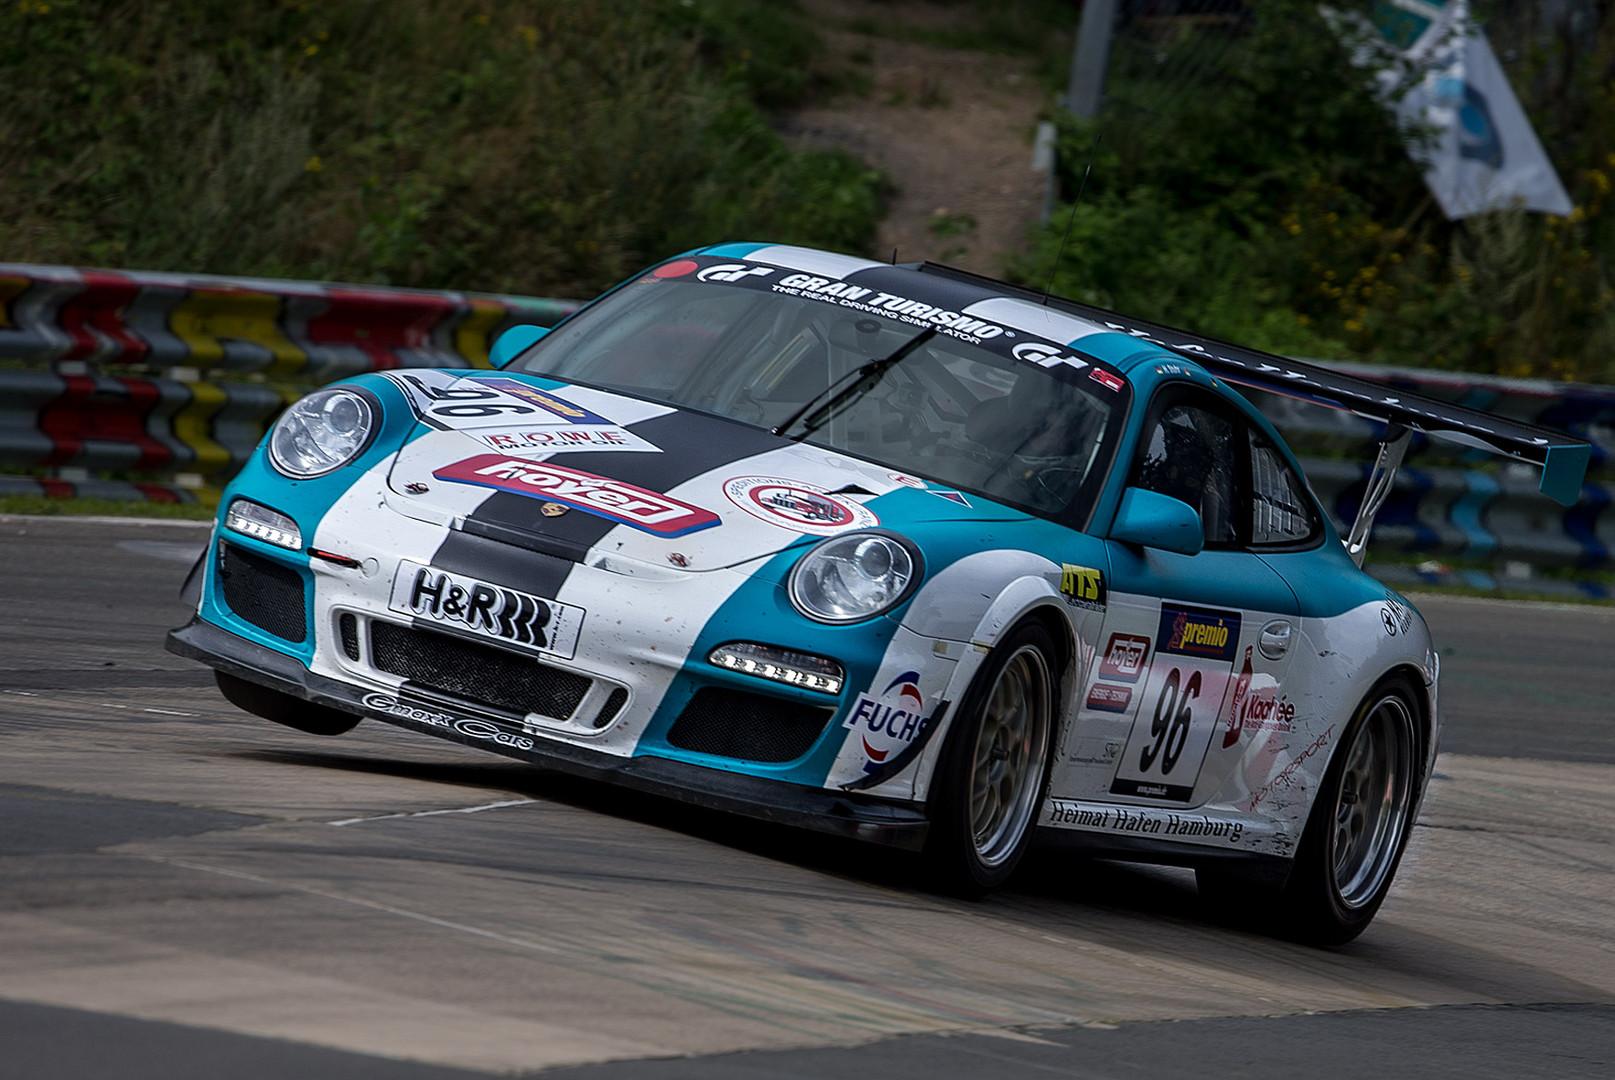 Porsche 911 Gt3 997 Cup